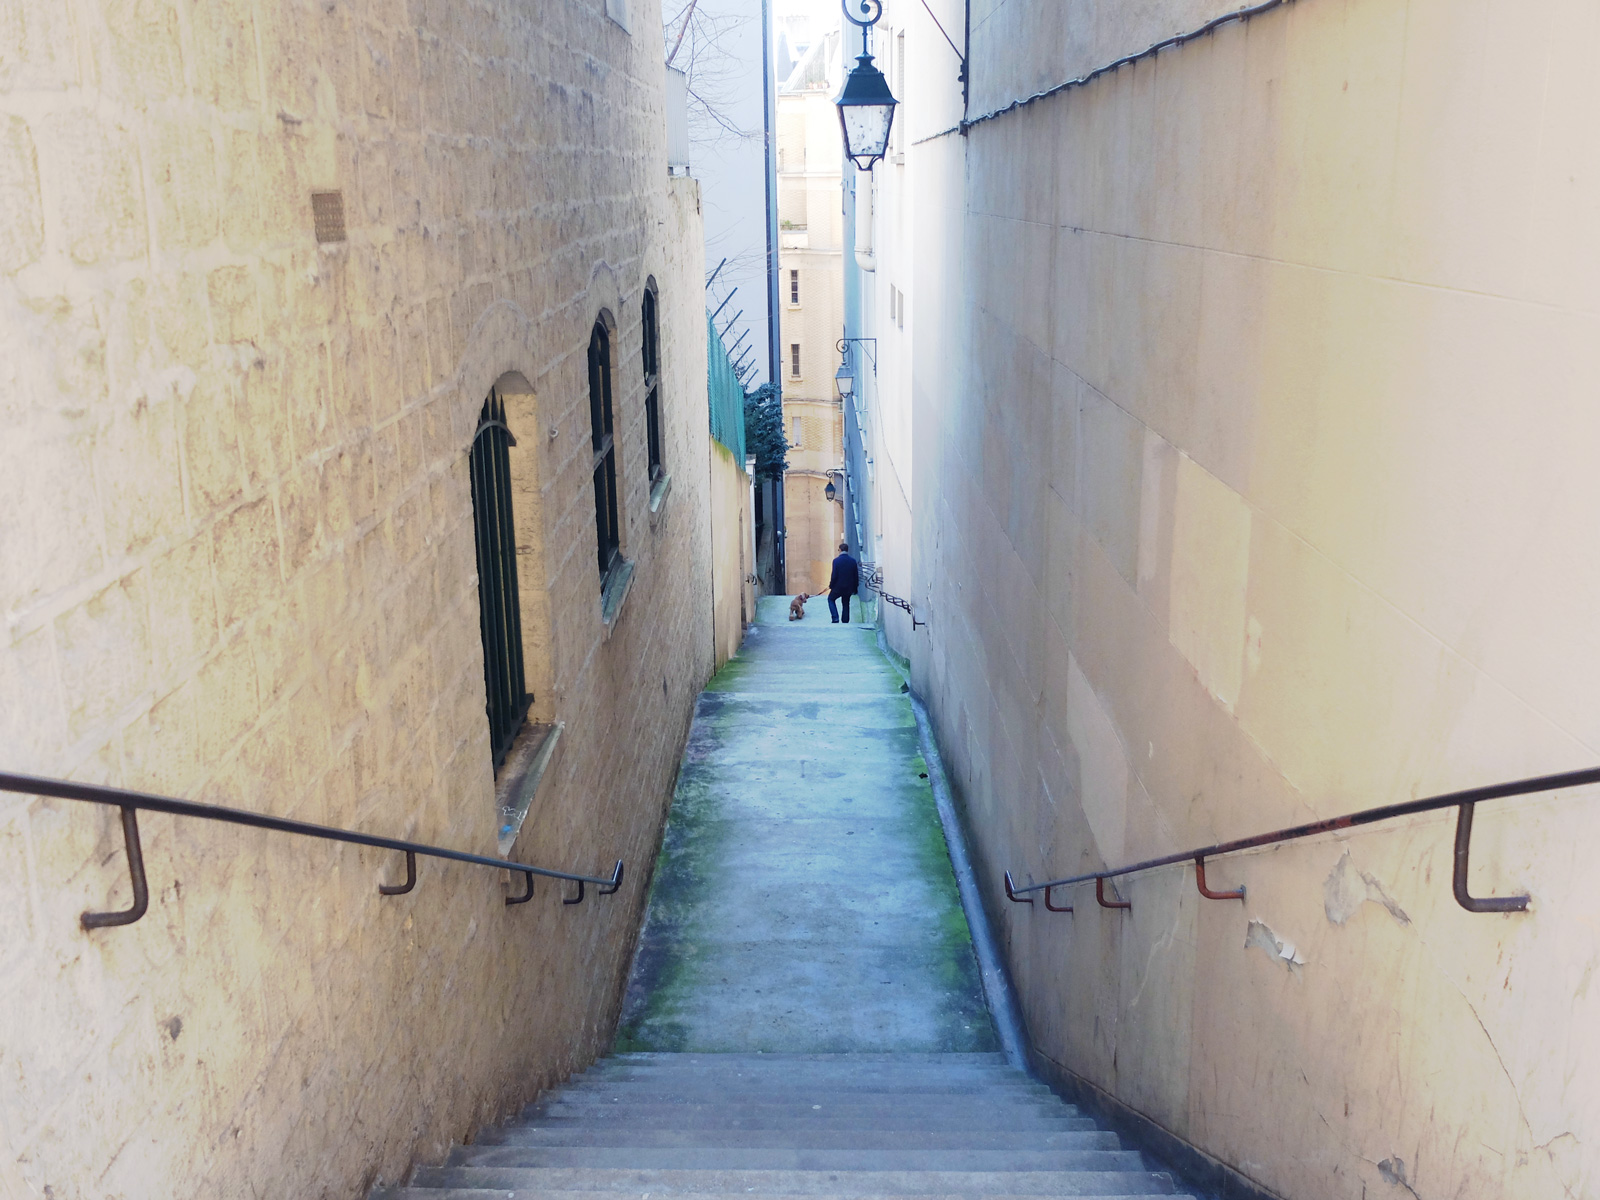 rue-des-eaux2